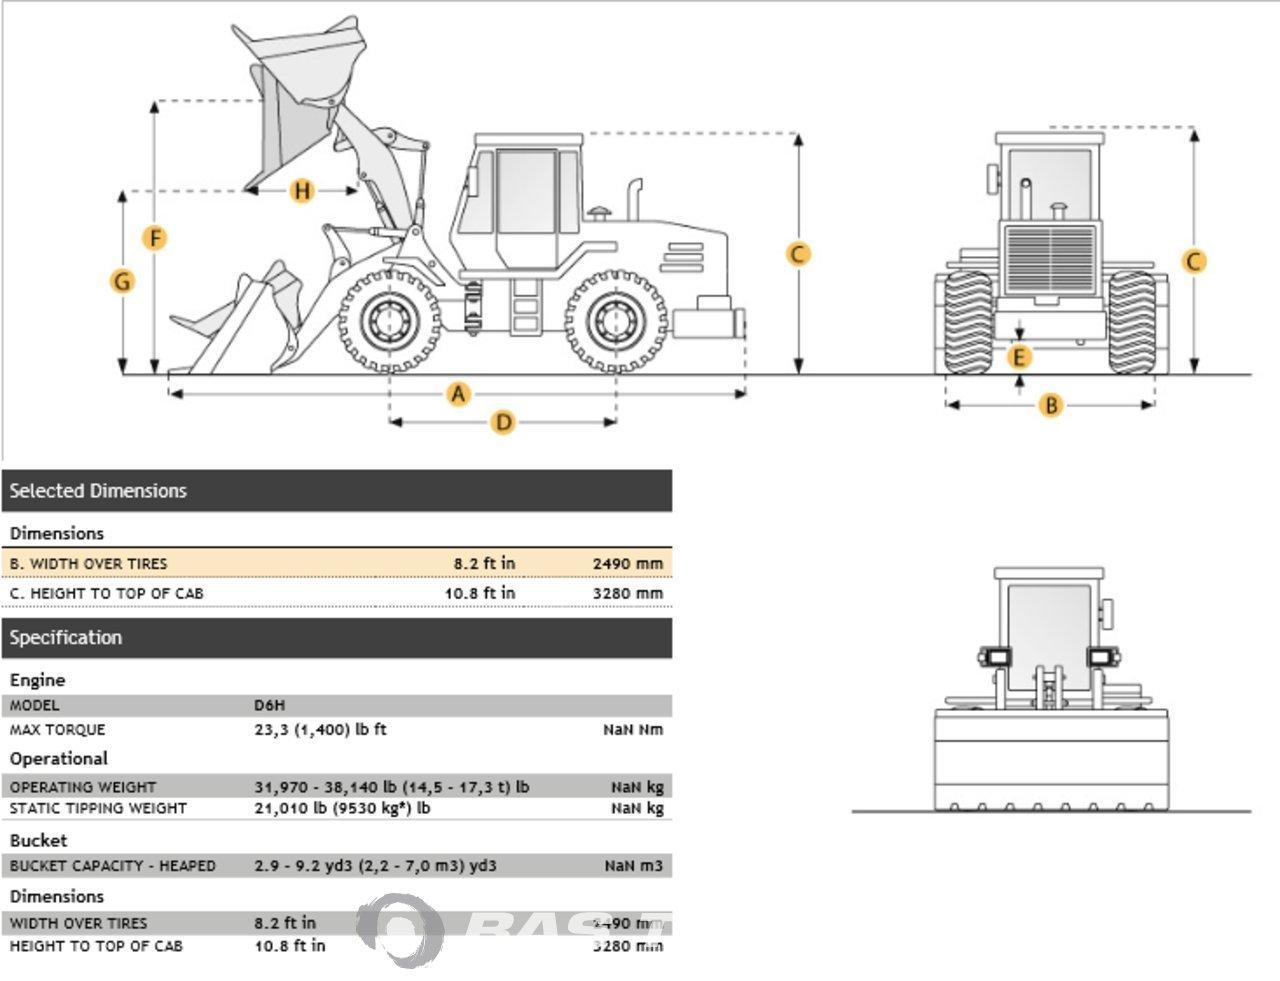 RG_1613] Volvo L90F Wiring Diagram Schematic Wiring | Volvo L90f Wiring Diagram |  | Phon Rine Sheox Xortanet Trons Mohammedshrine Librar Wiring 101